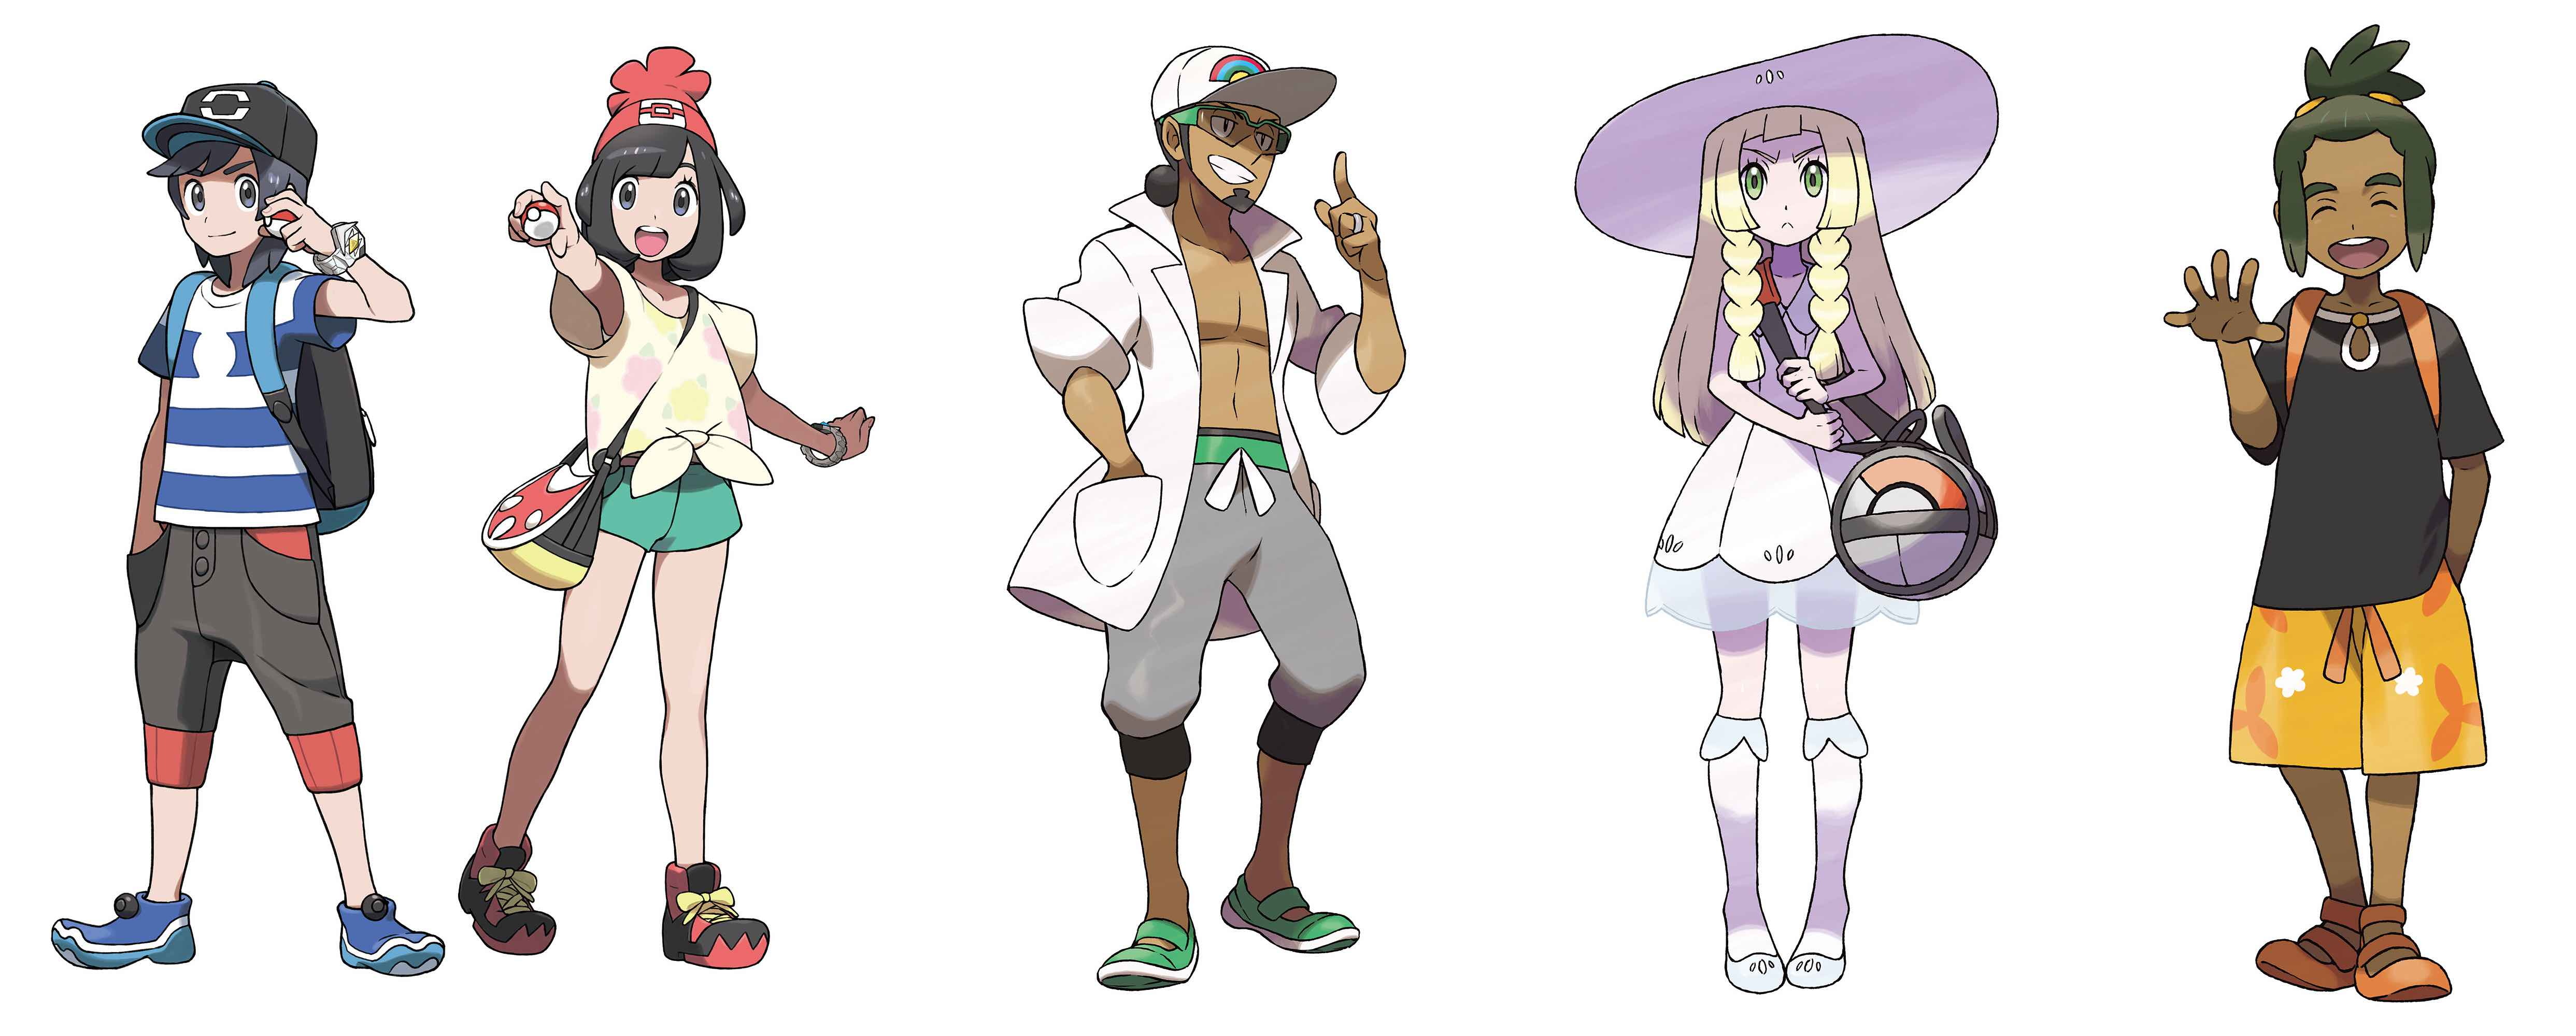 Pokemon-Sun-and-Moon-Character-Art